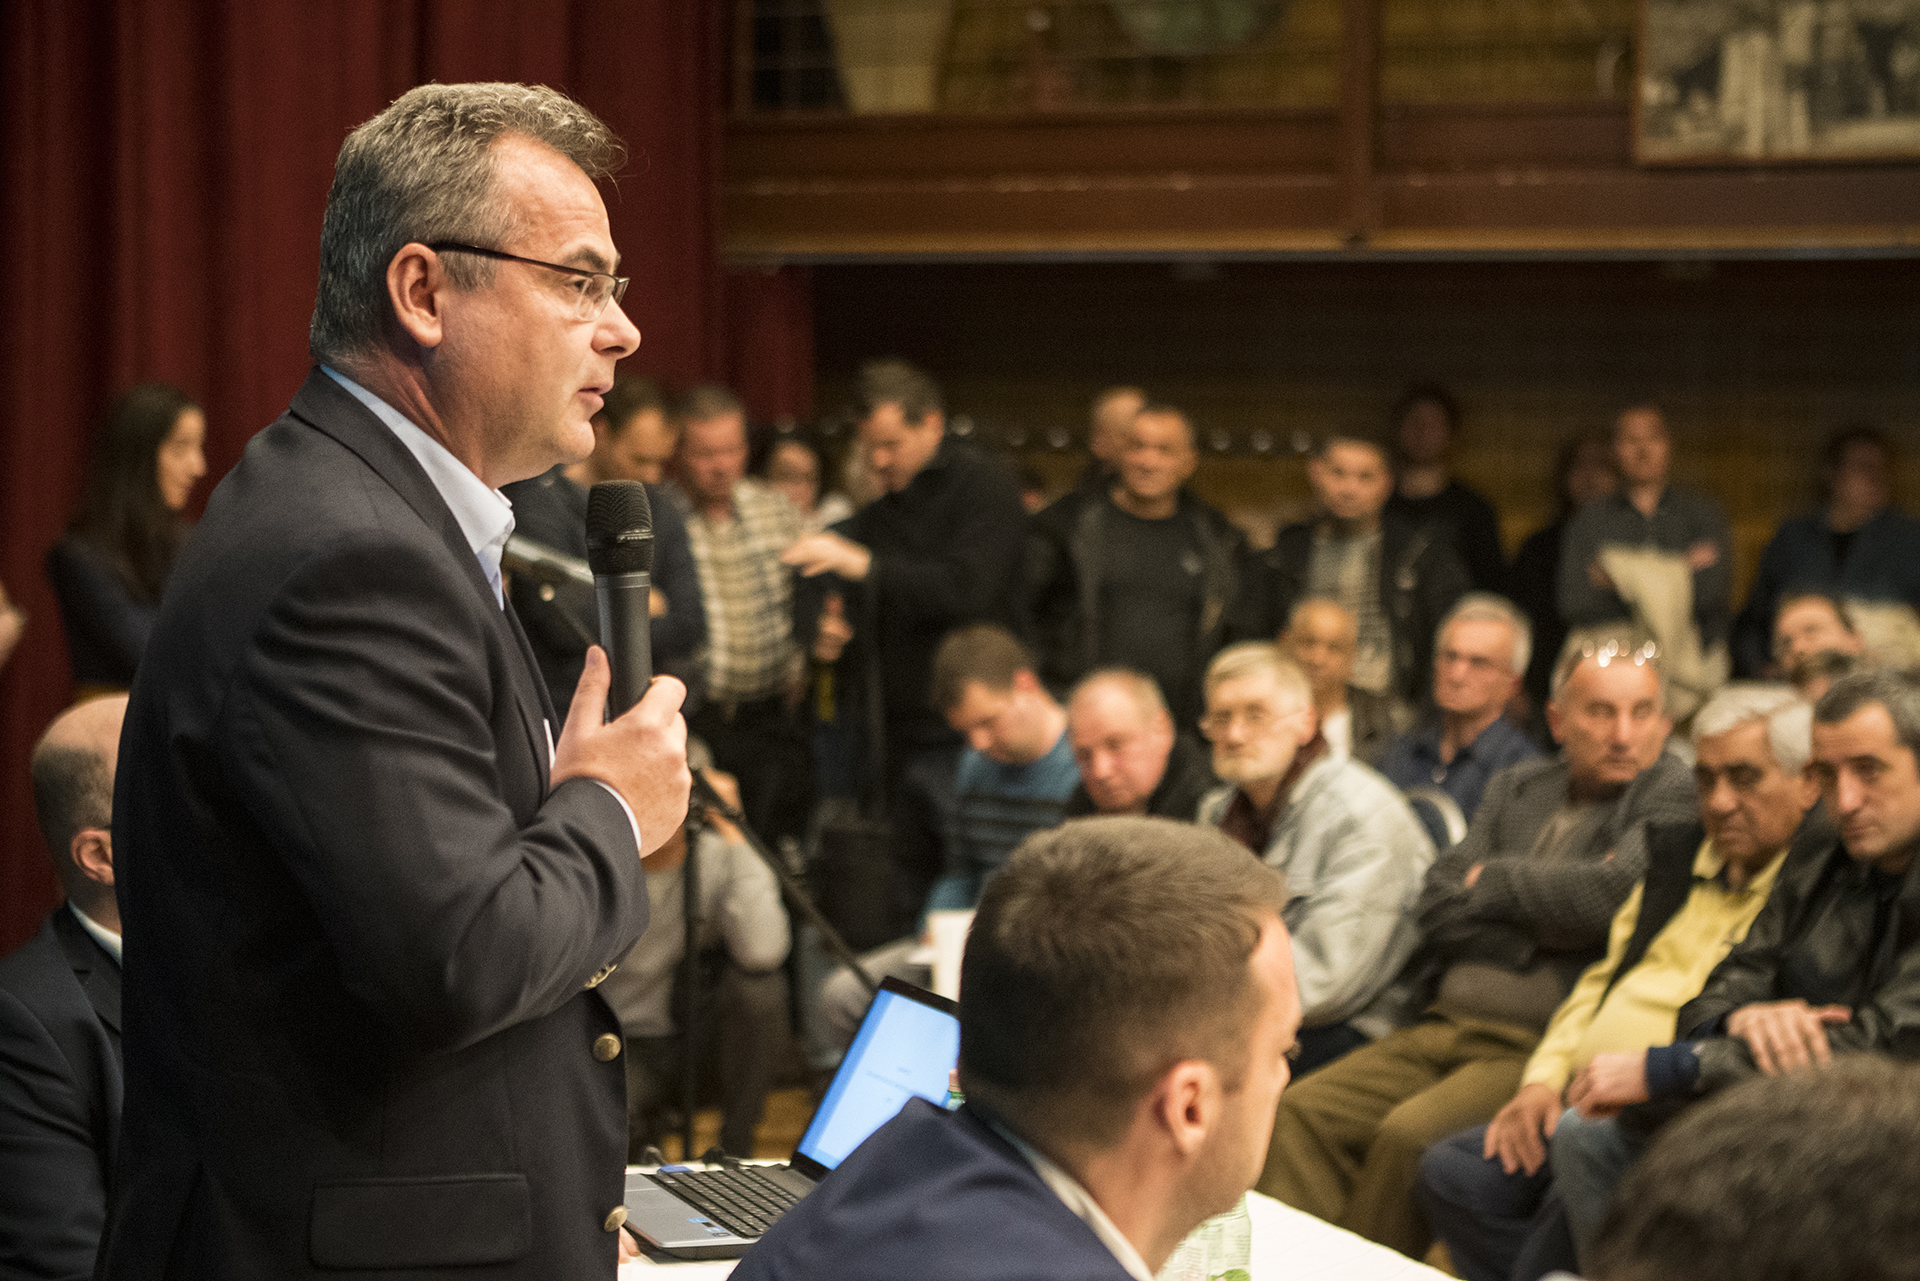 A DK is támogatja a római parti mobilgátról szóló népszavazást